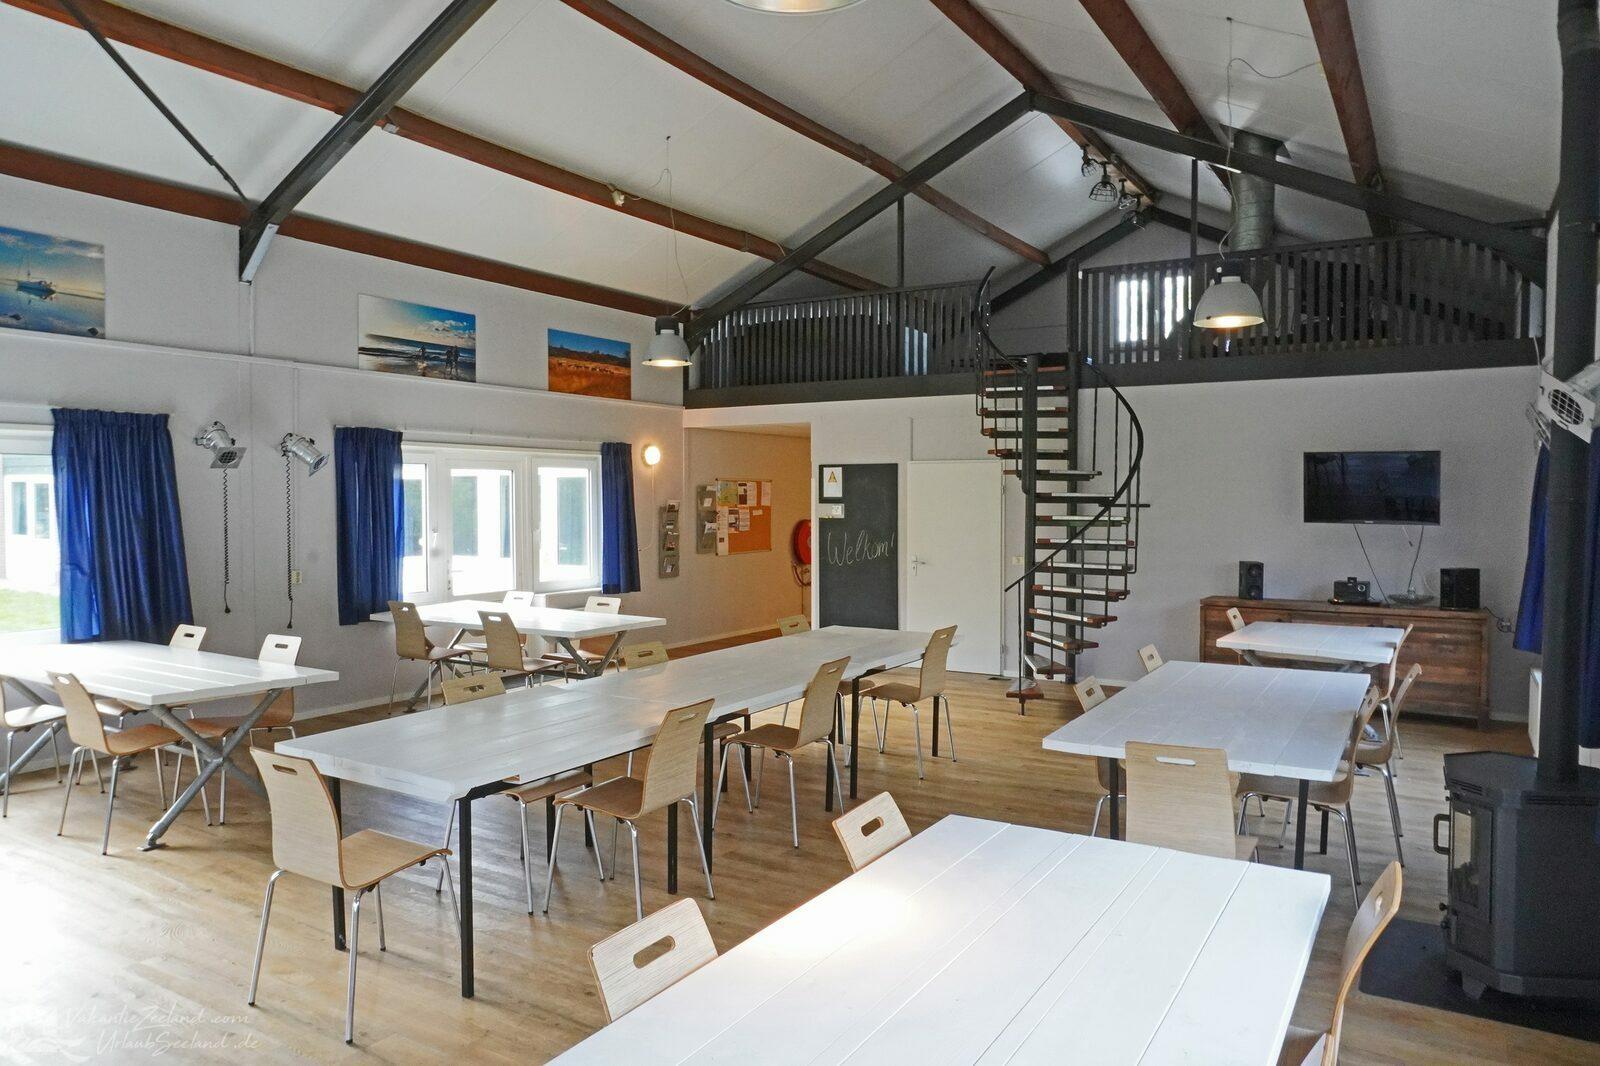 VZ060 Groepsaccommodatie Brouwershaven